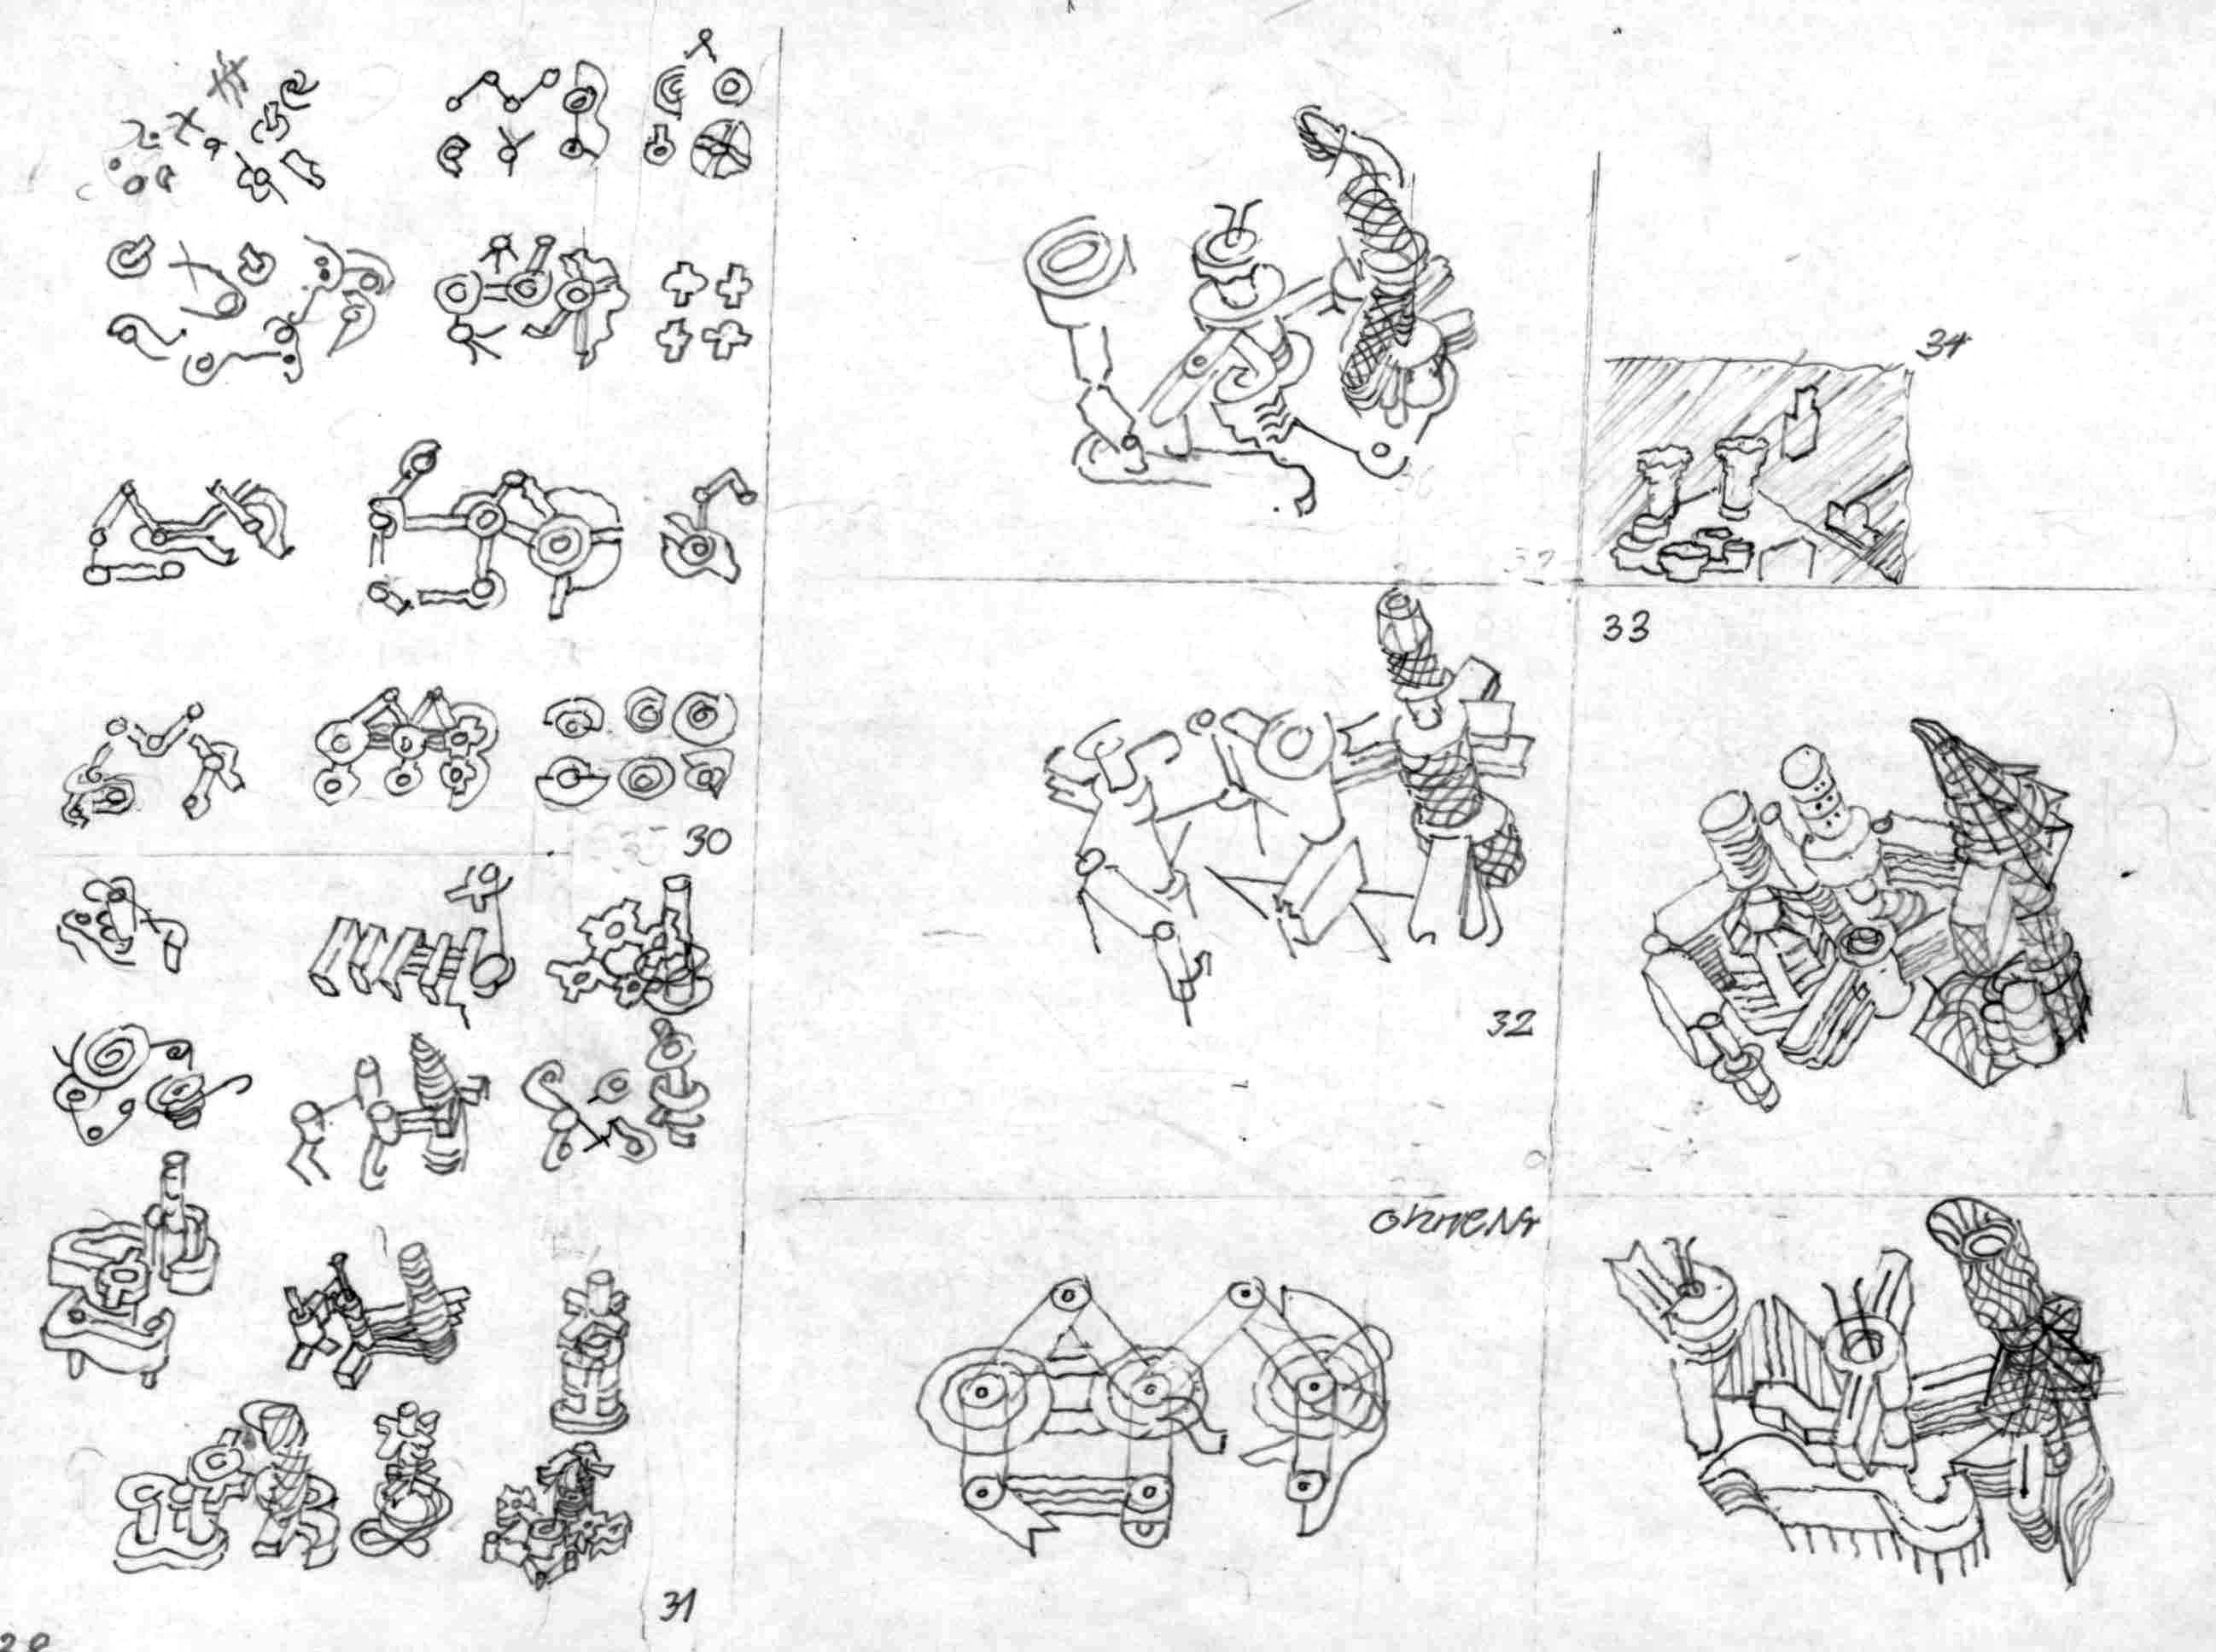 Skizze Aus Der Serie Von 21 Buchillustrationen Uber Interpretationen Architektur Johannes Uhl Architekturmuseum Berlin